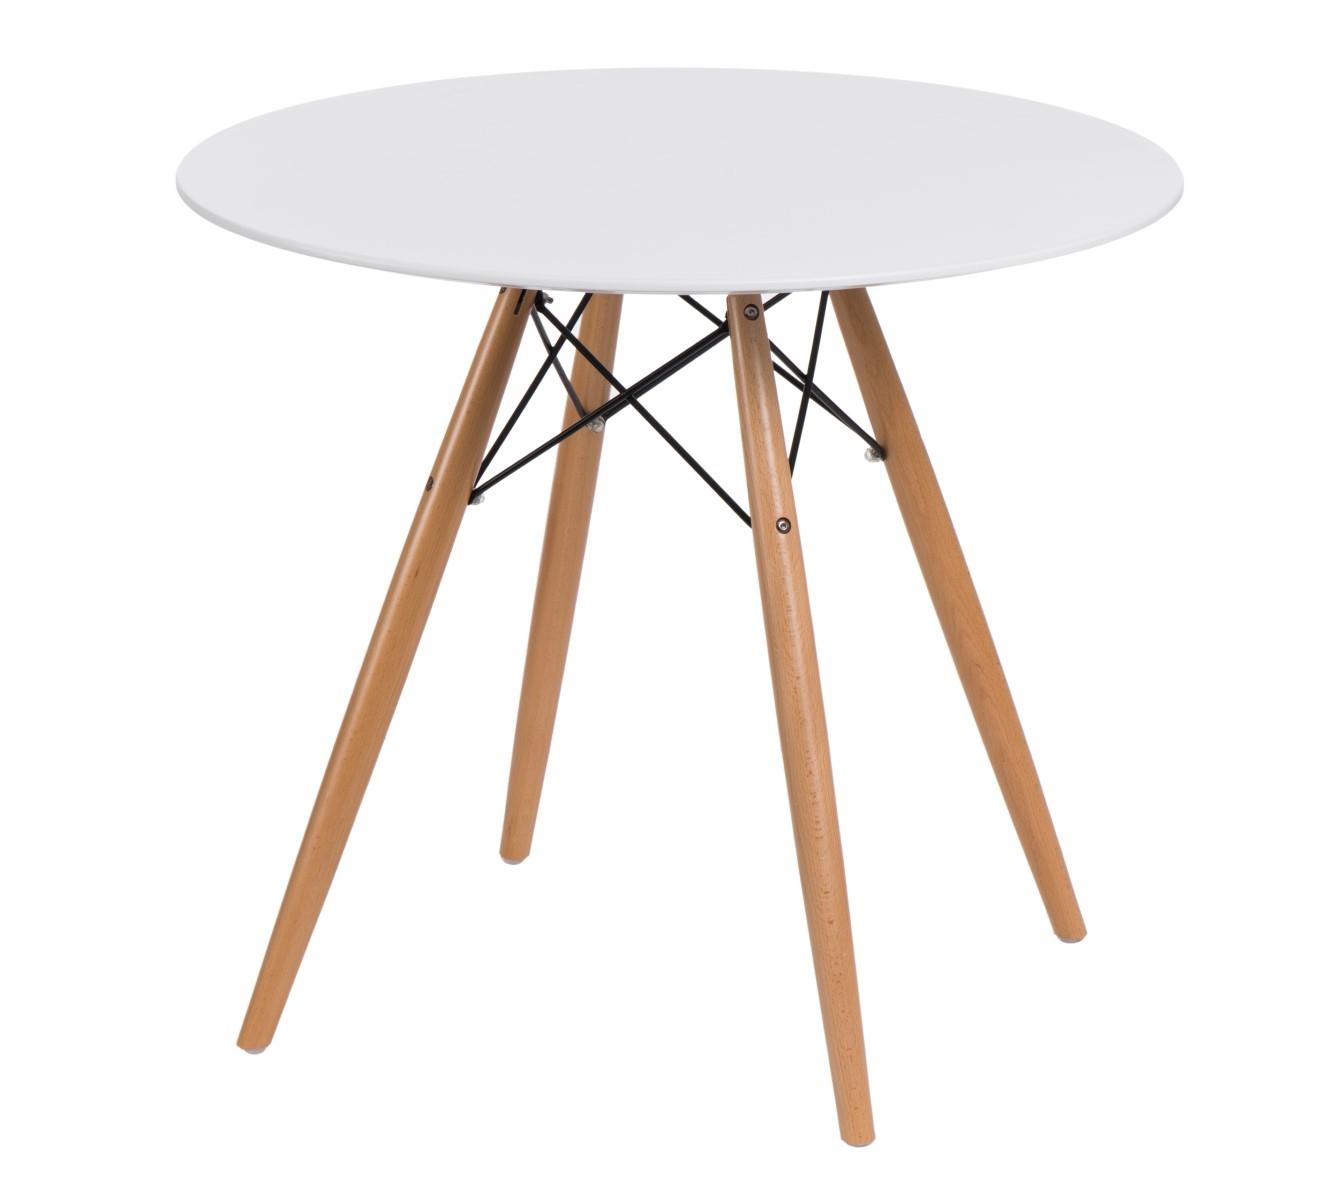 Stolík DTW nízky 60cm biely Prevedenie: Stôl DTW - 80 cm